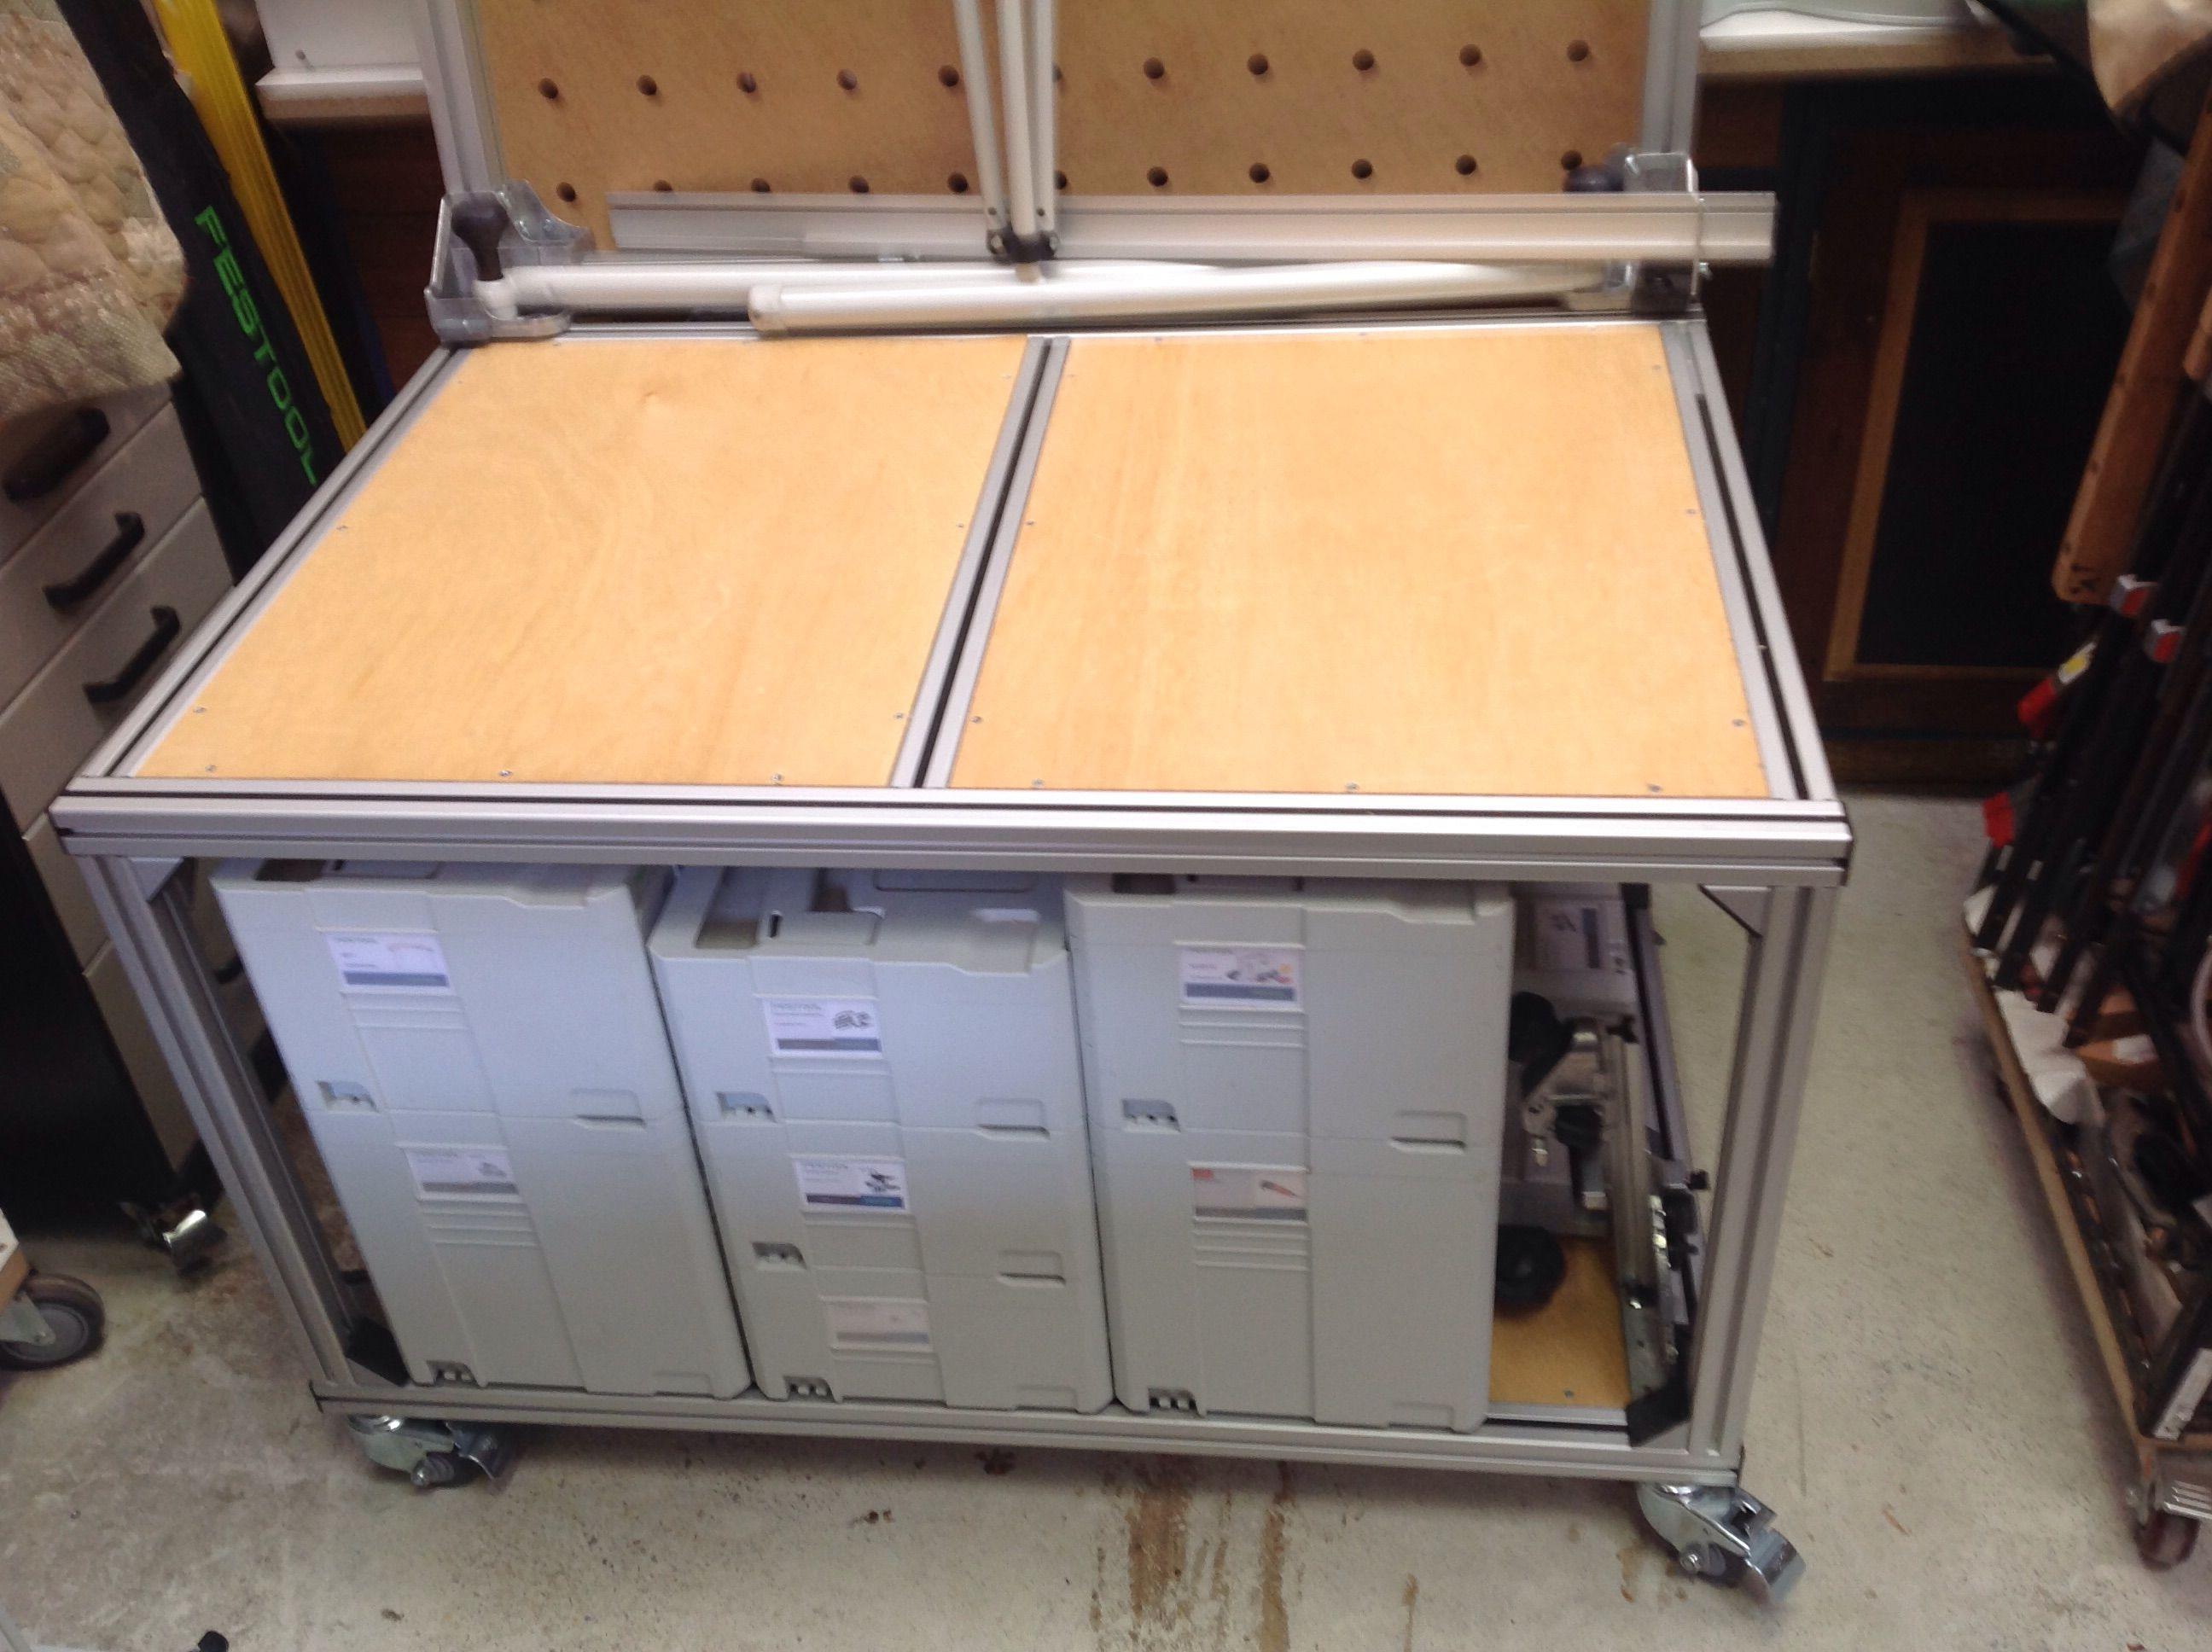 Garage aluminiumcabinet plan idea